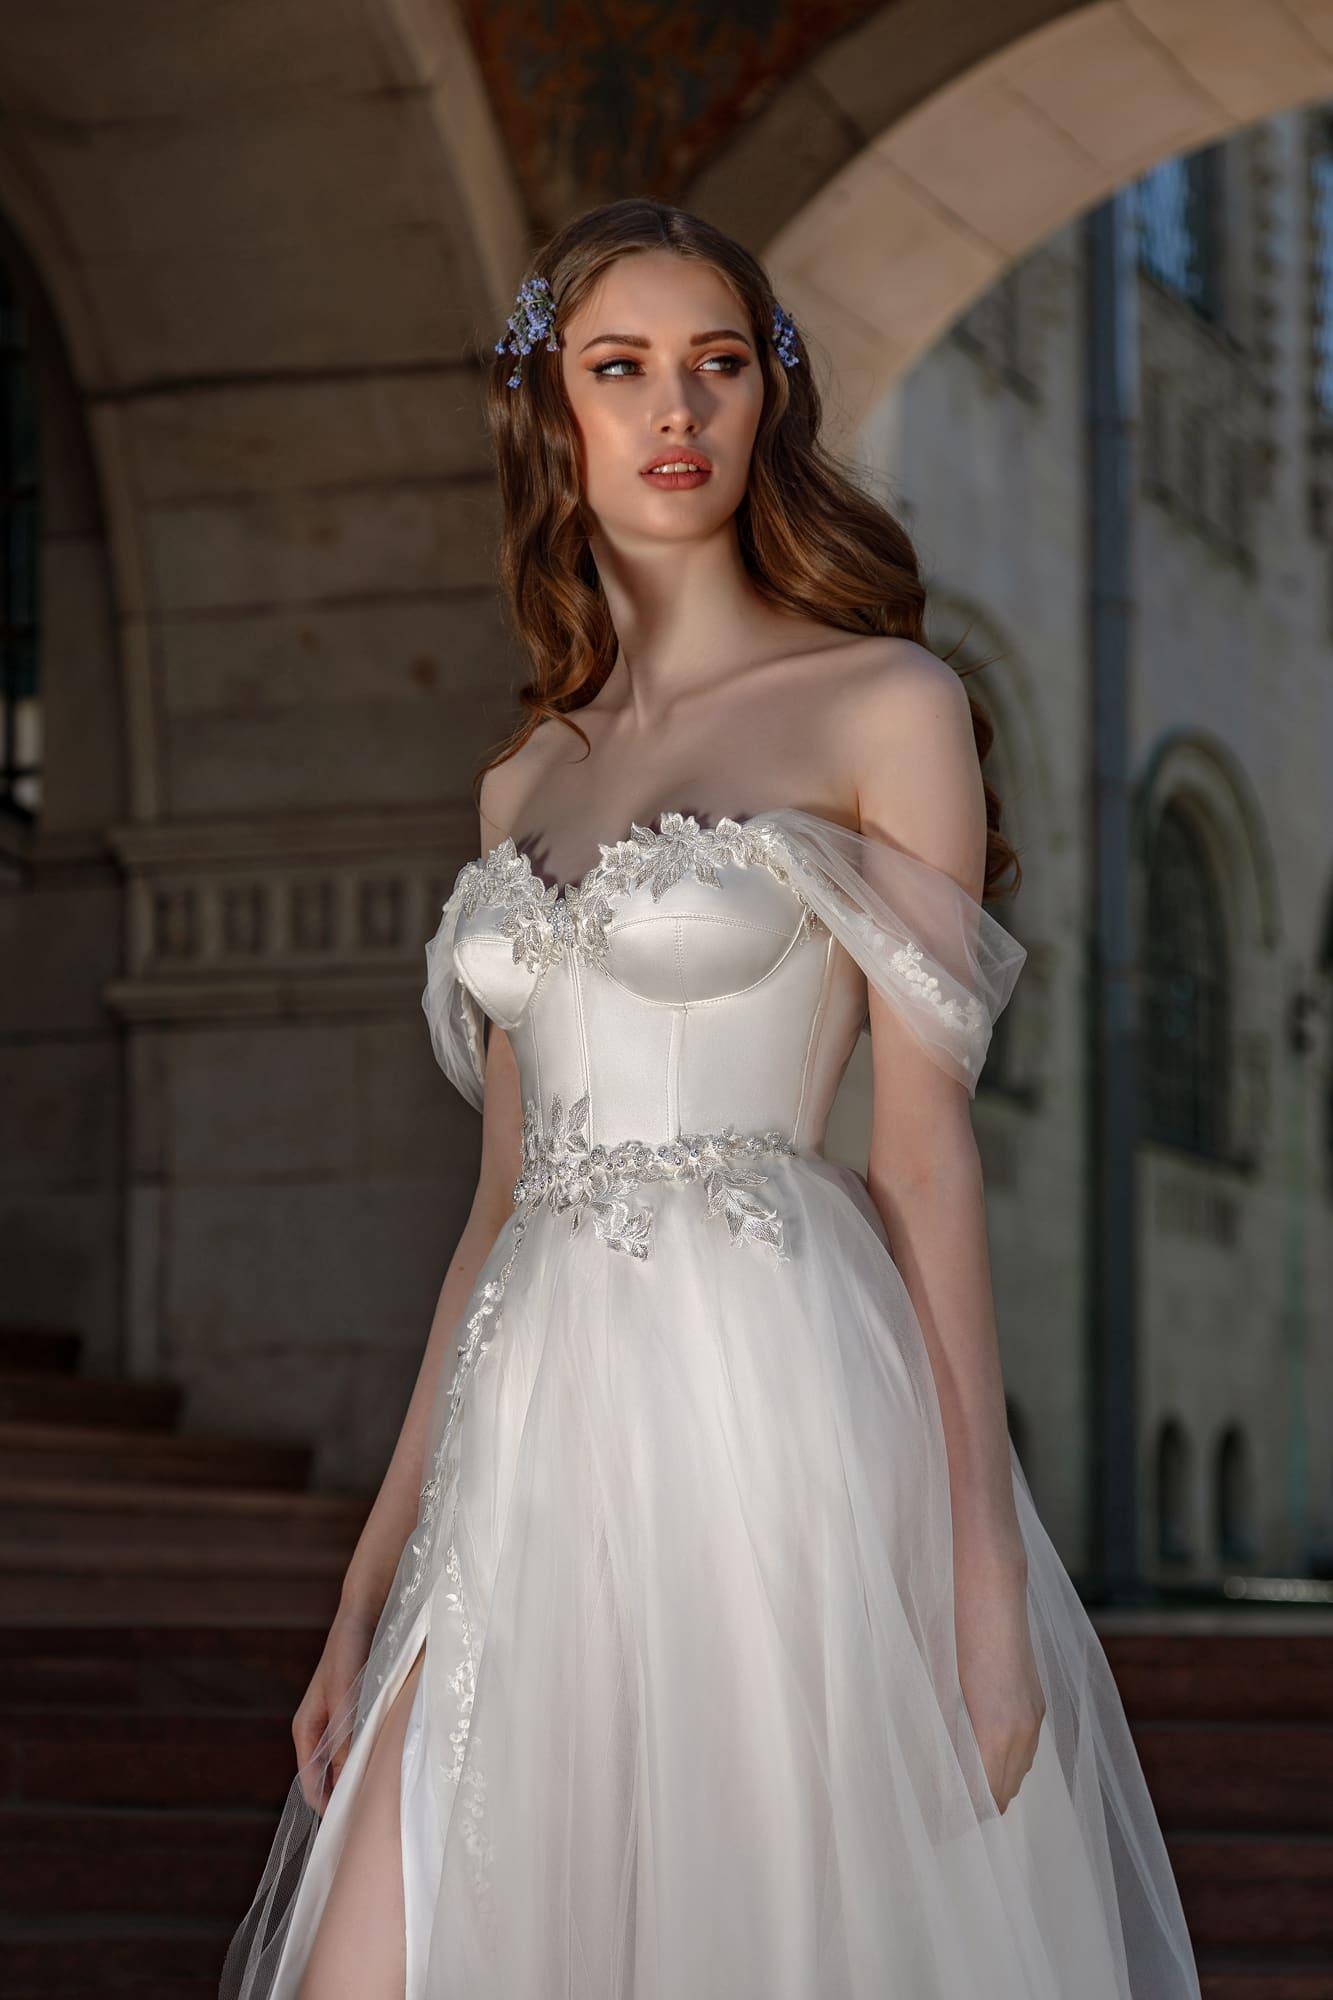 Свадебное платье с открытым верхом и высоким разрезом на юбке.